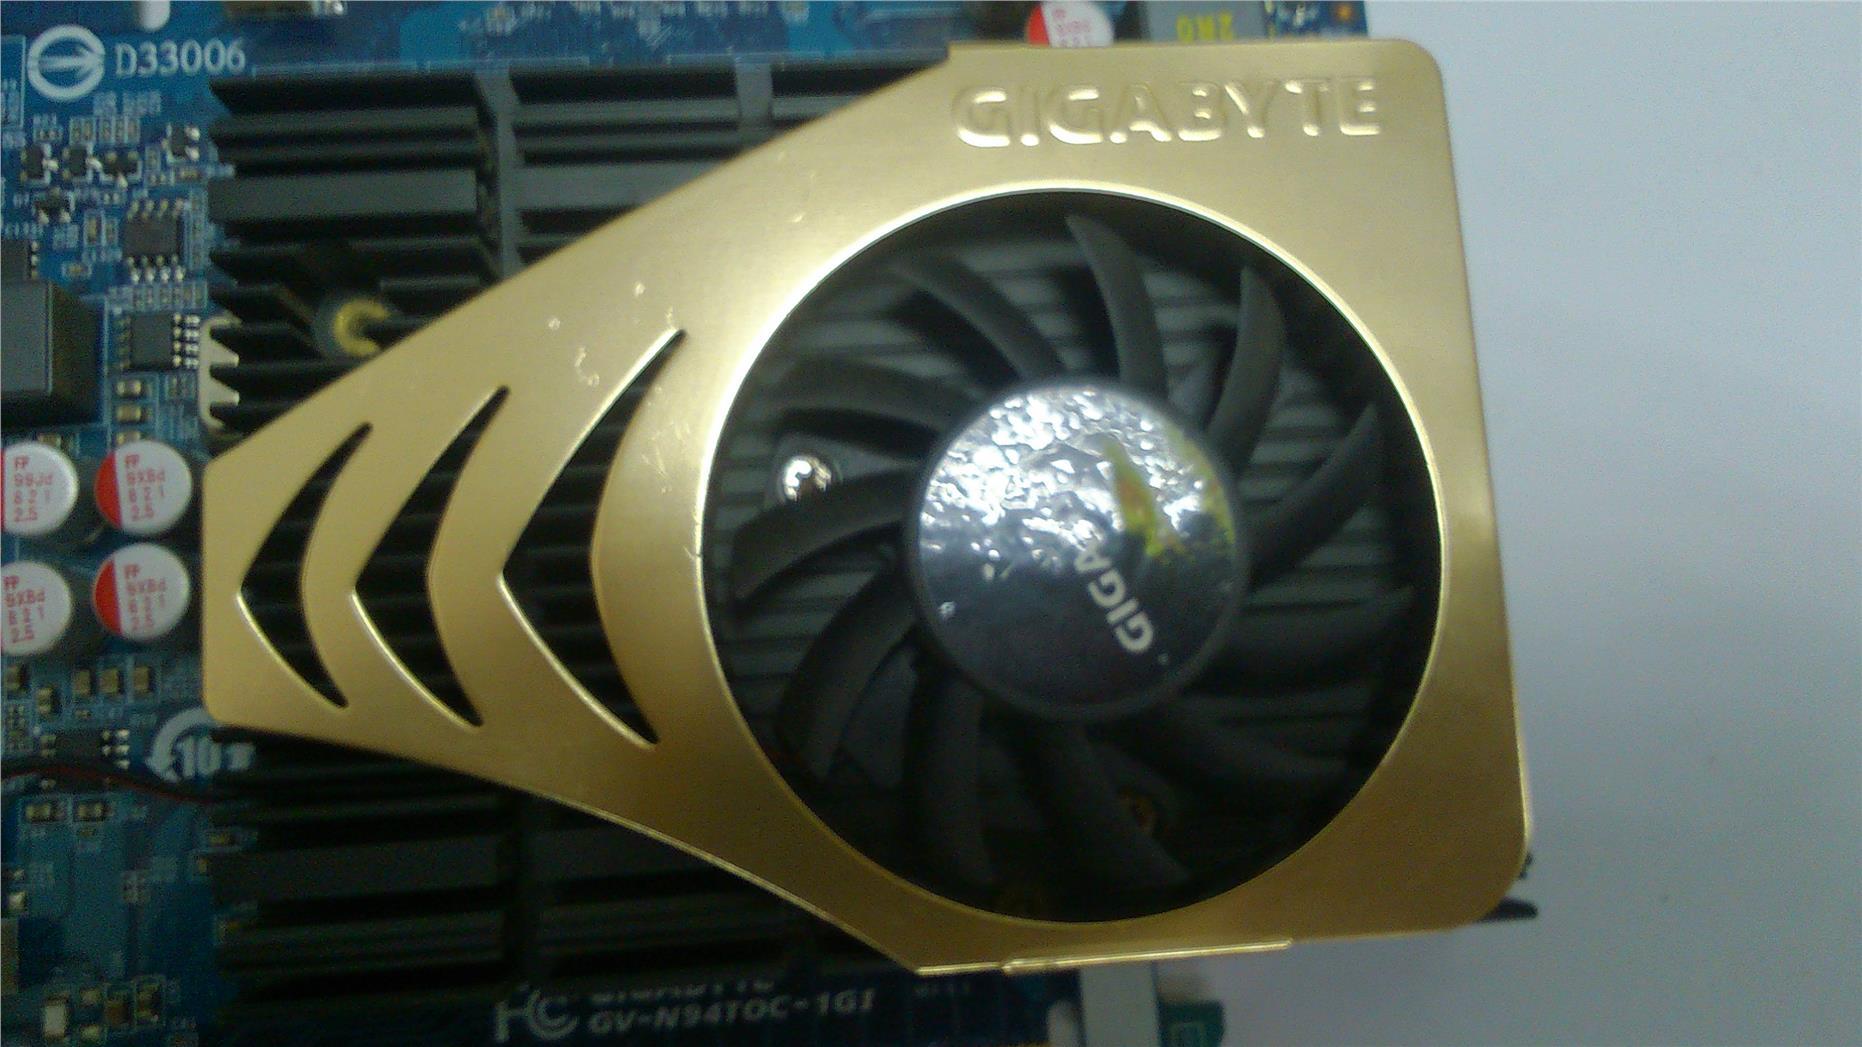 (REFURBISHED) GIGABYTE GV-N94TOC-1GI 1GB 128-Bit GPU UNIT